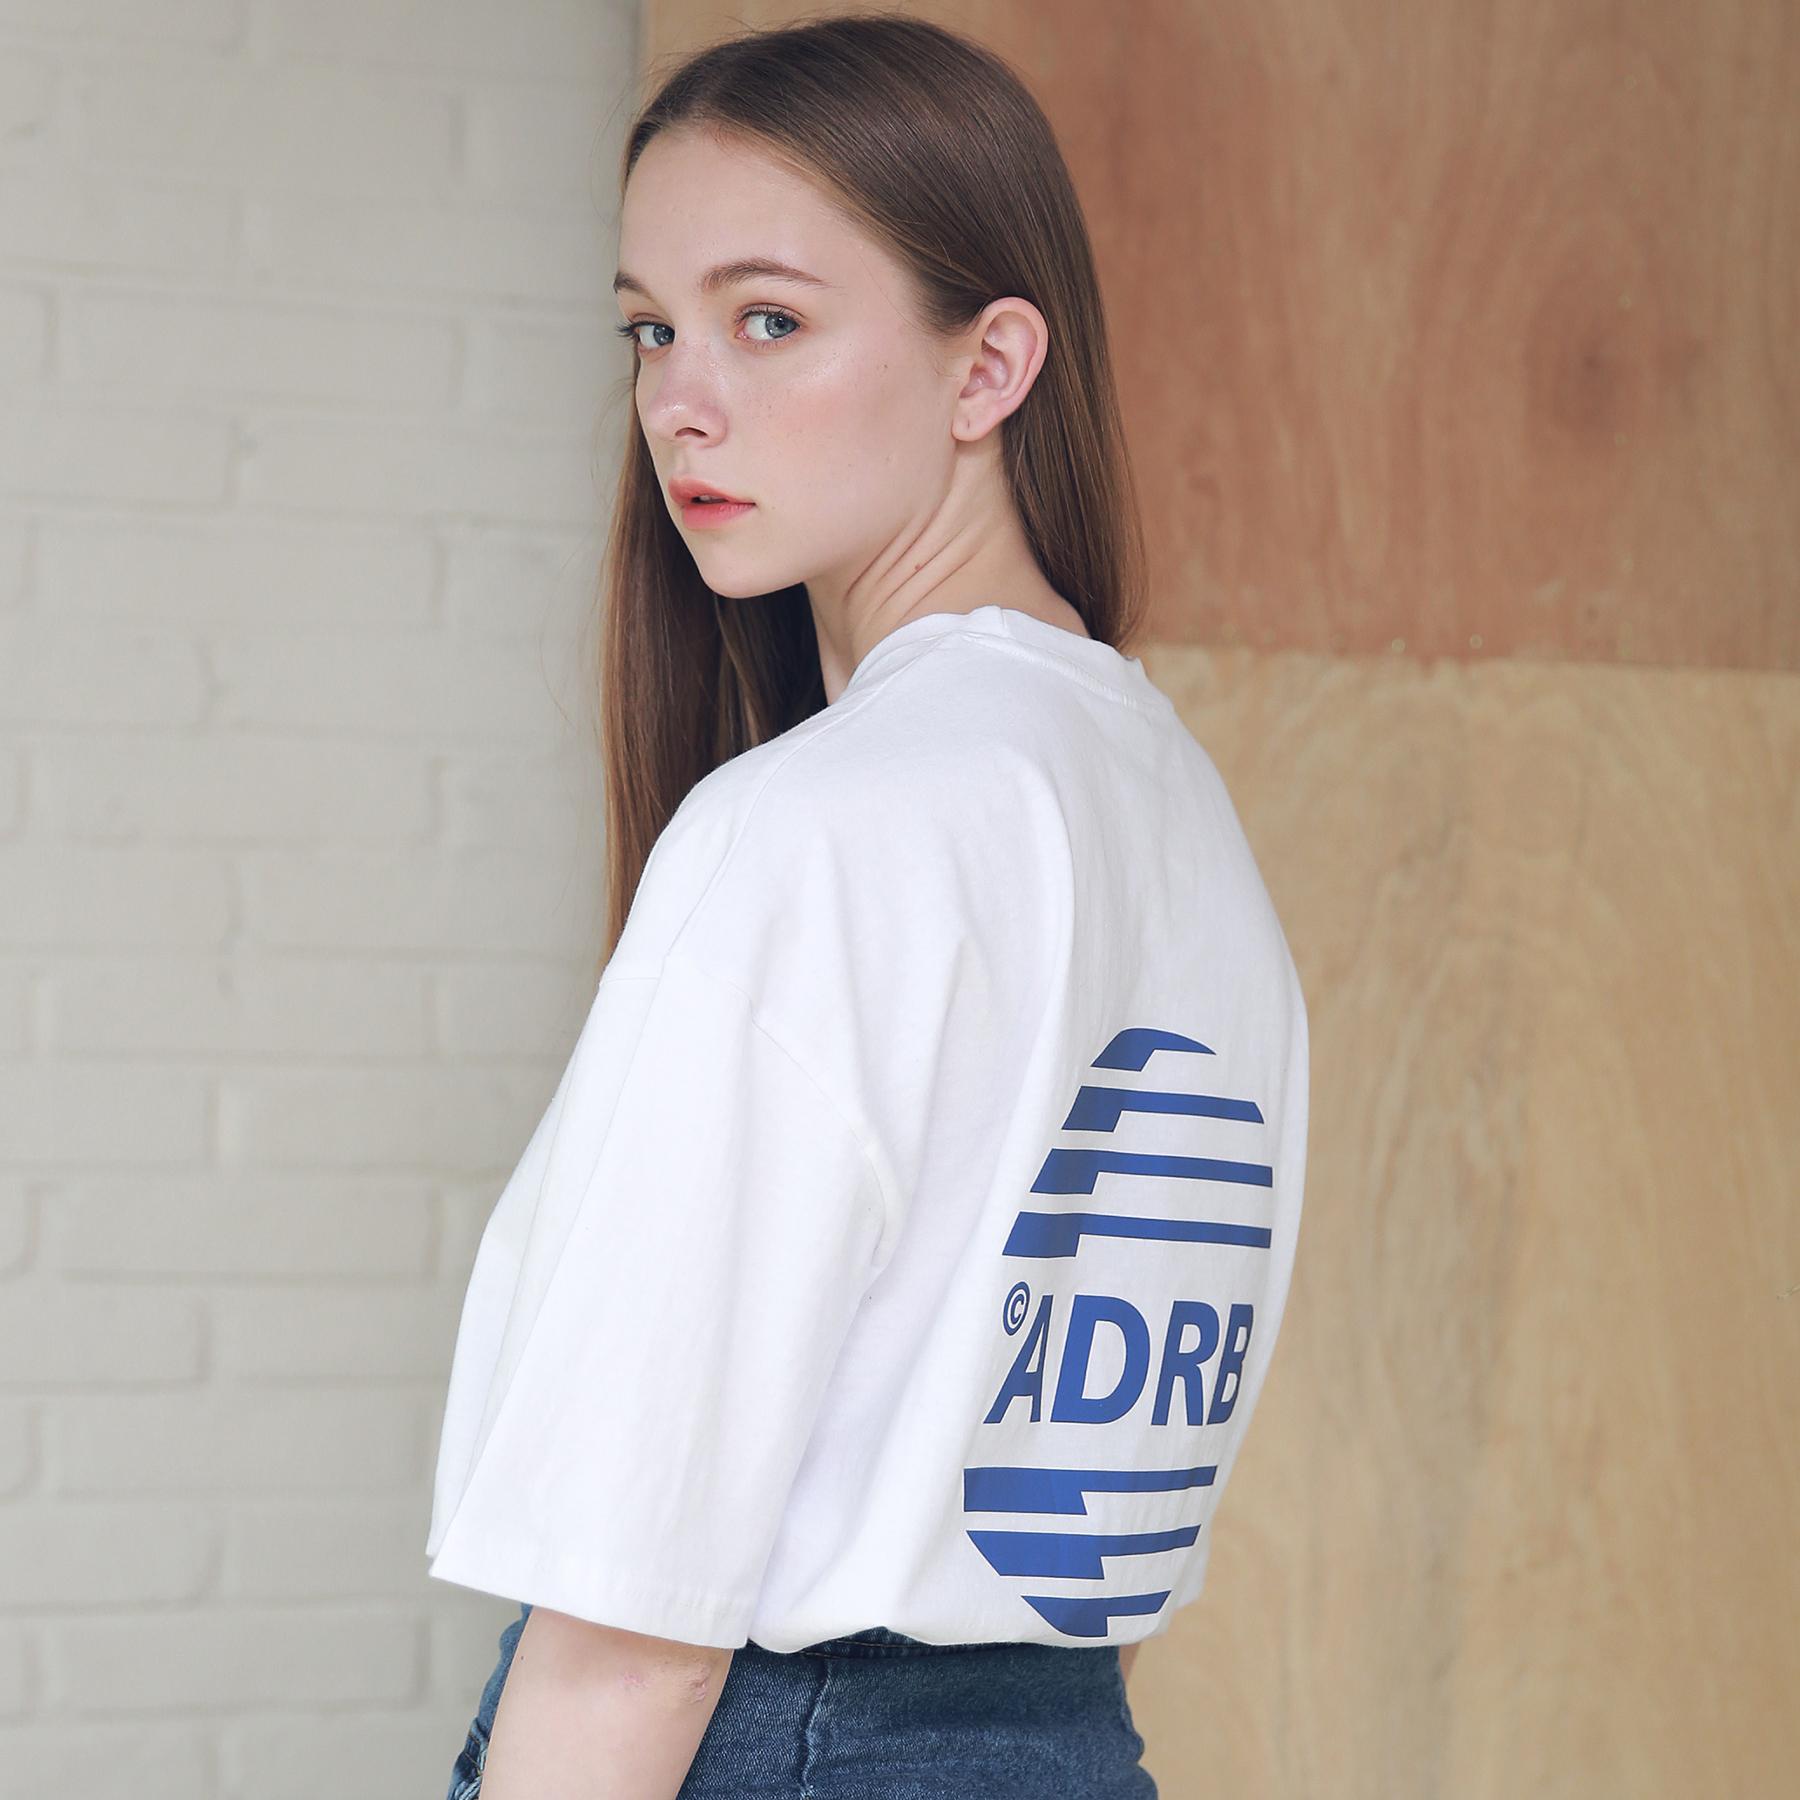 아더로브 유니섹스 시그니처 스카치 로고 티셔츠 ATS192005-WT 반팔티